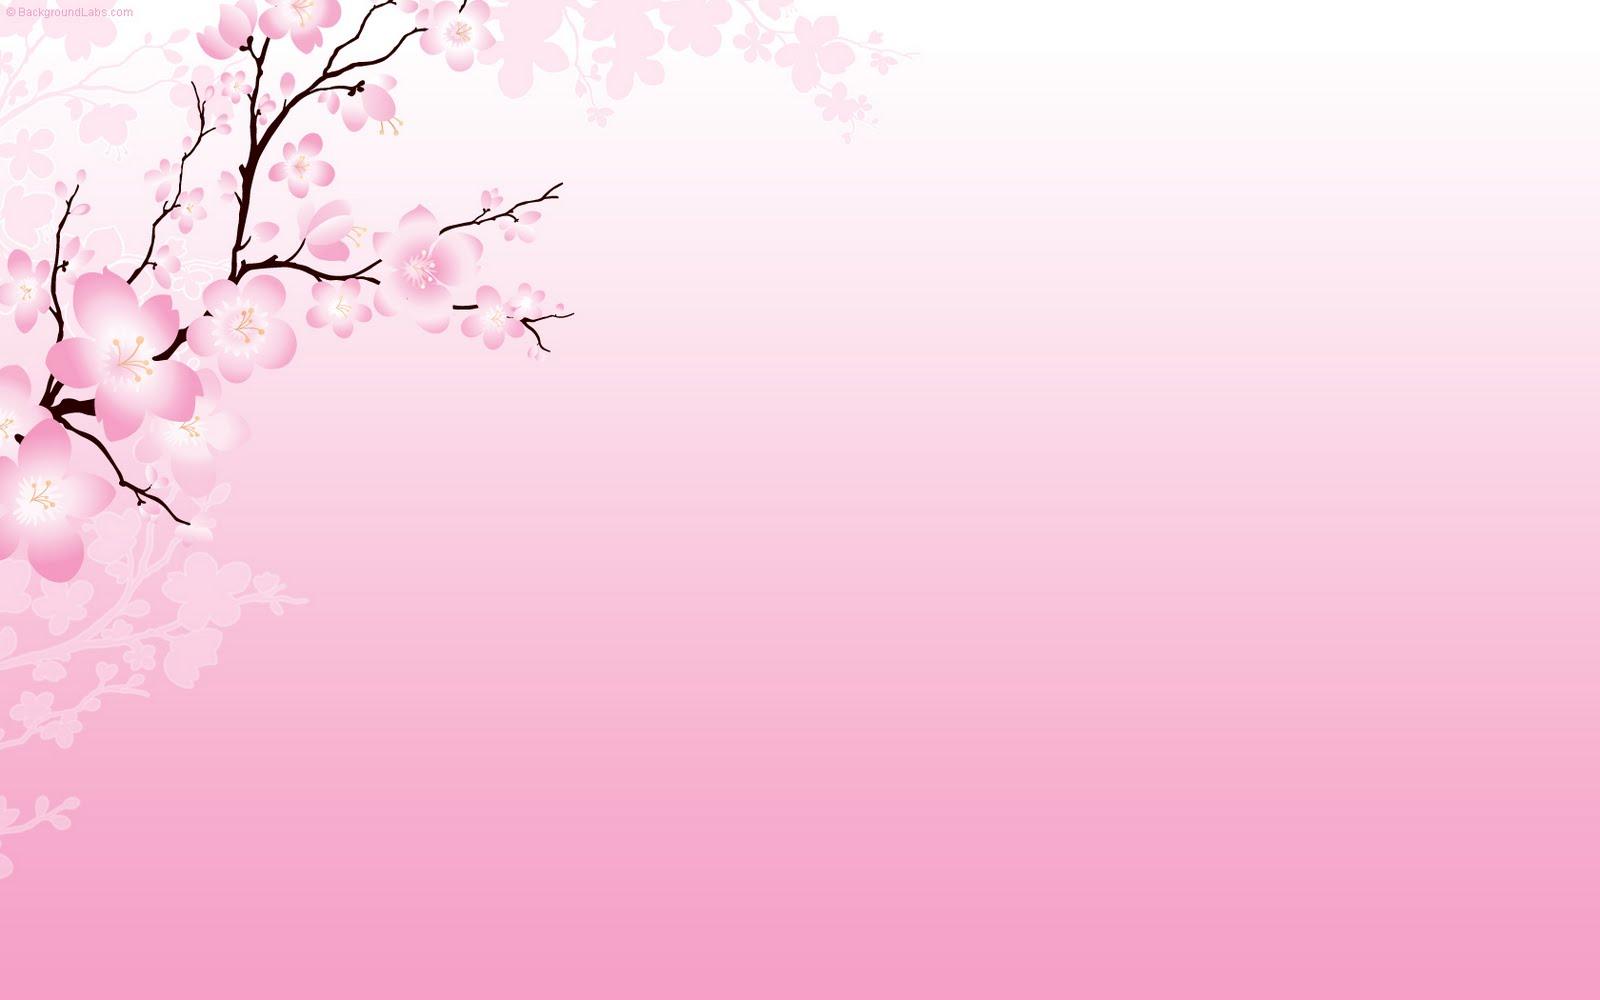 Twila Mann Cherry Blossom Hd